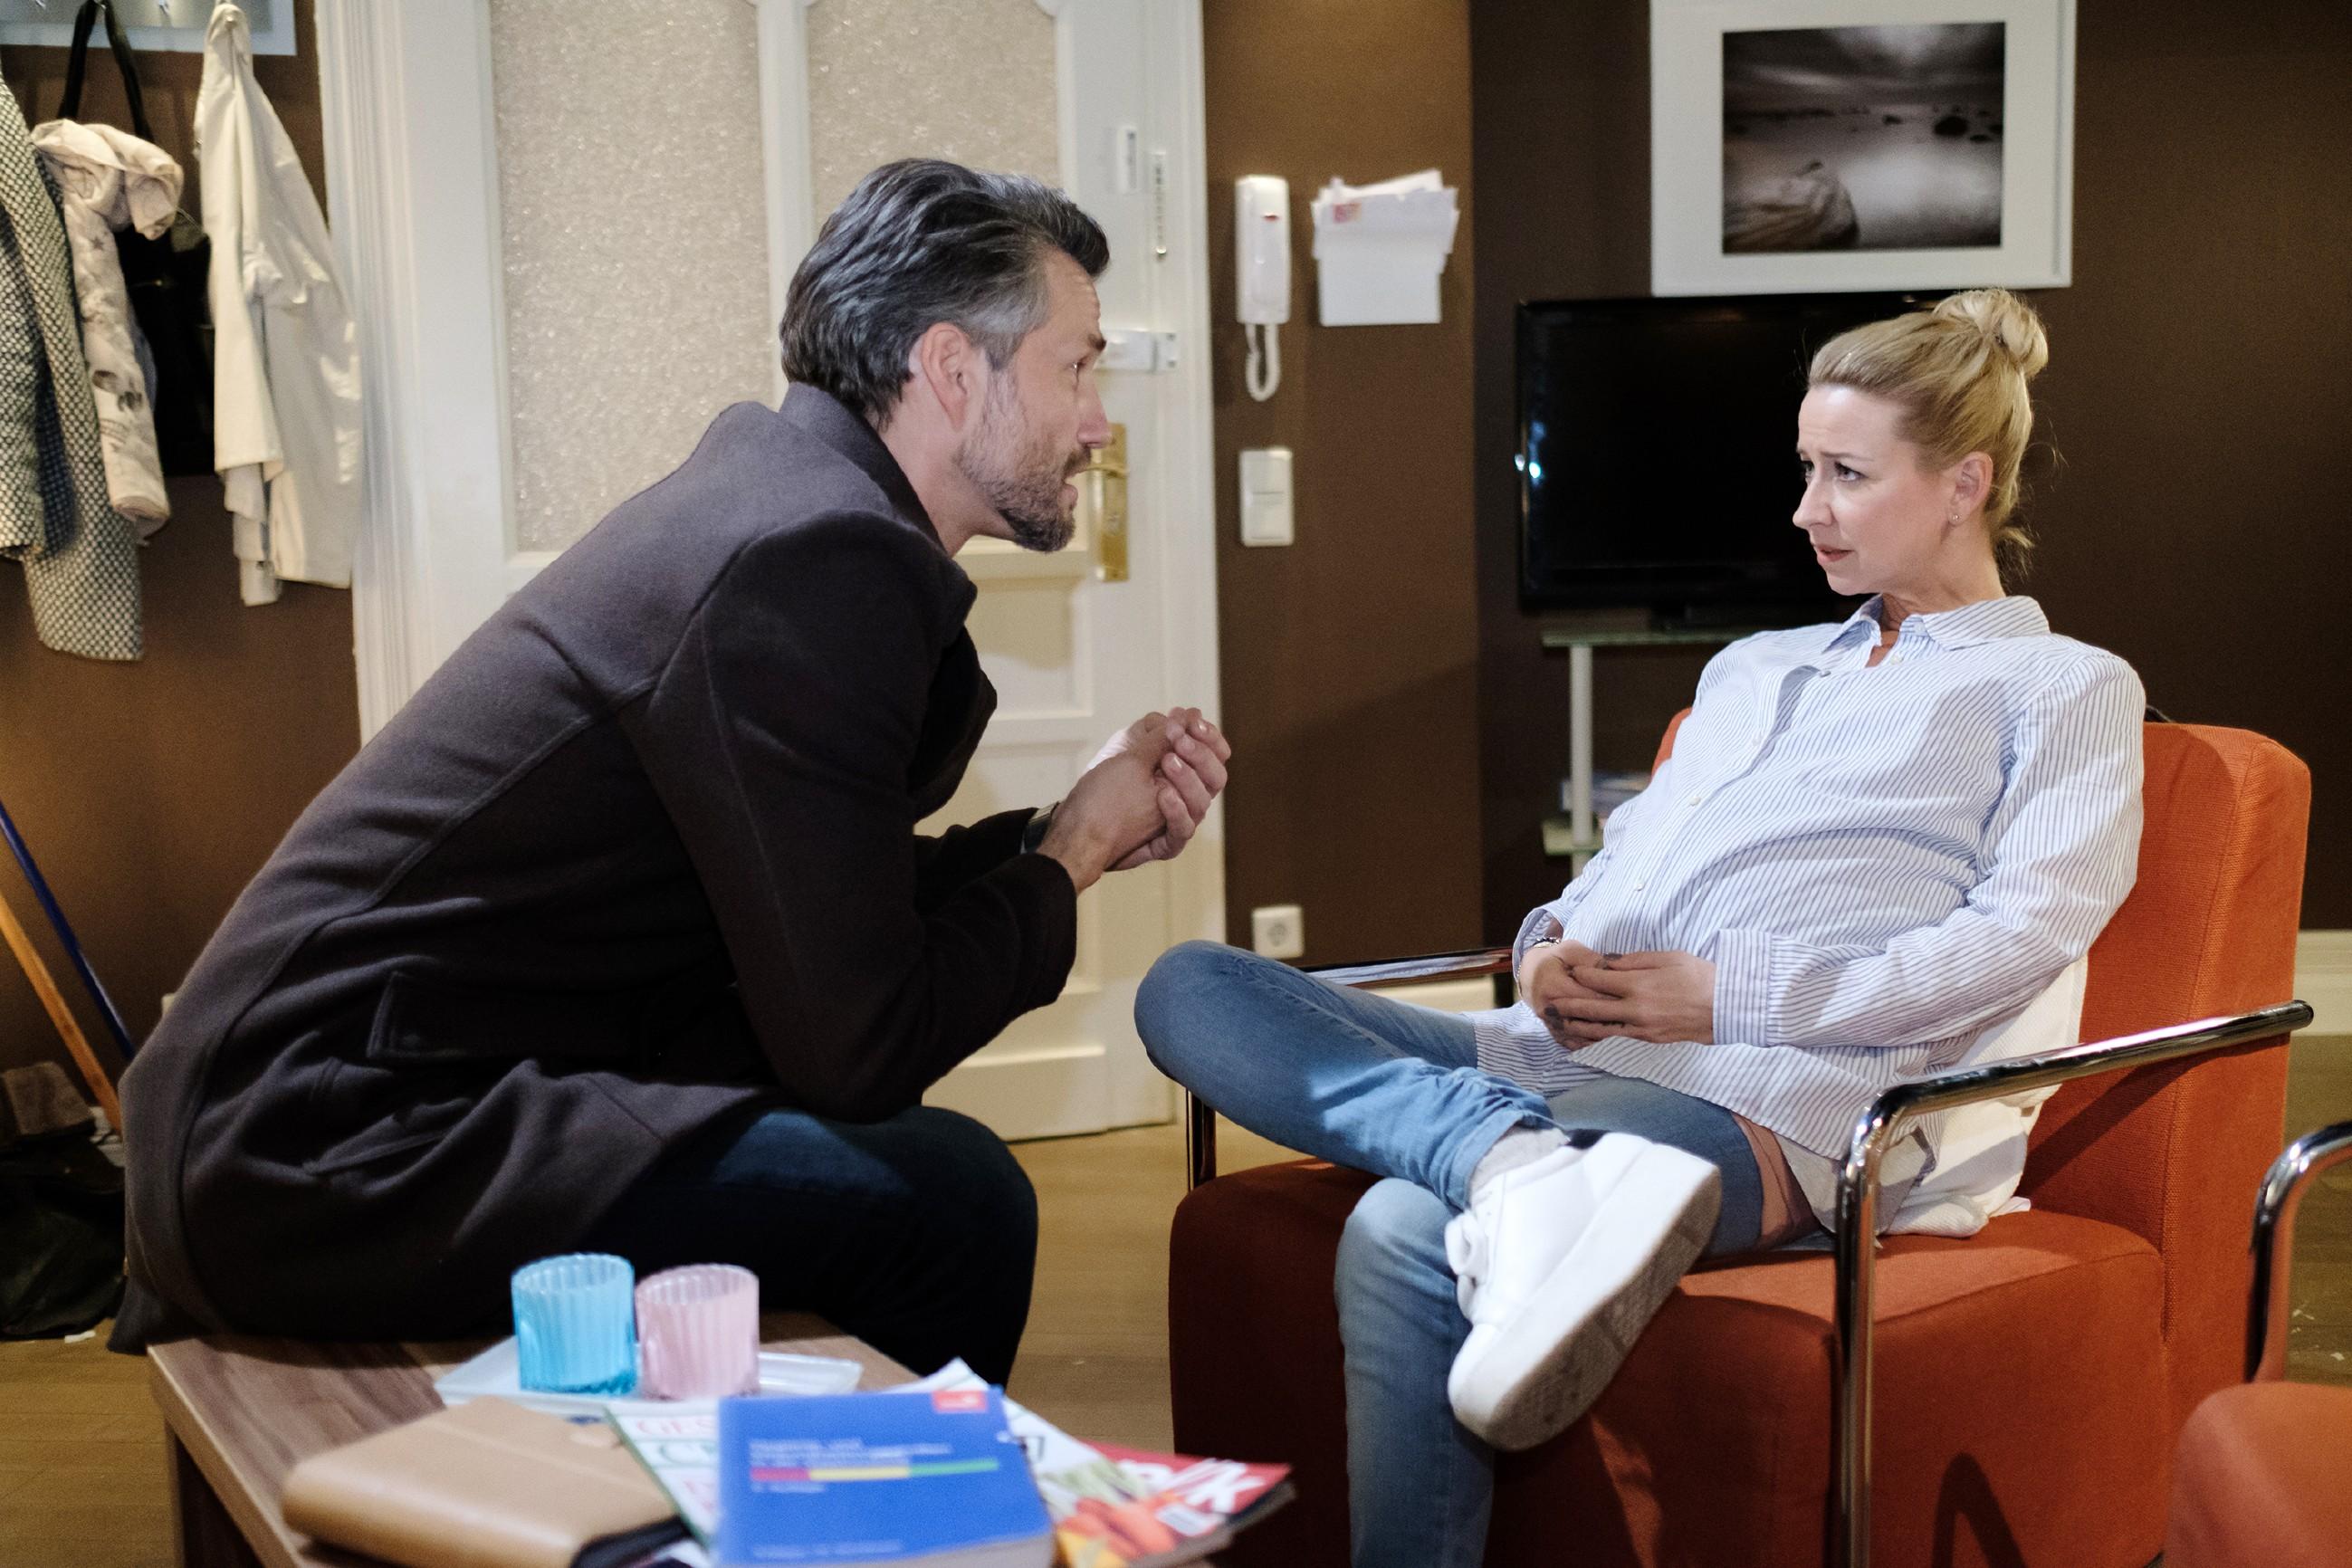 Durch Evas Auftritt ist Ute (Isabell Hertel) so sehr aufgewühlt, dass sie Malte (Stefan Bockelmann) mit einer ungewöhnlichen Frage überrascht... (Quelle: RTL / Stefan Behrens)